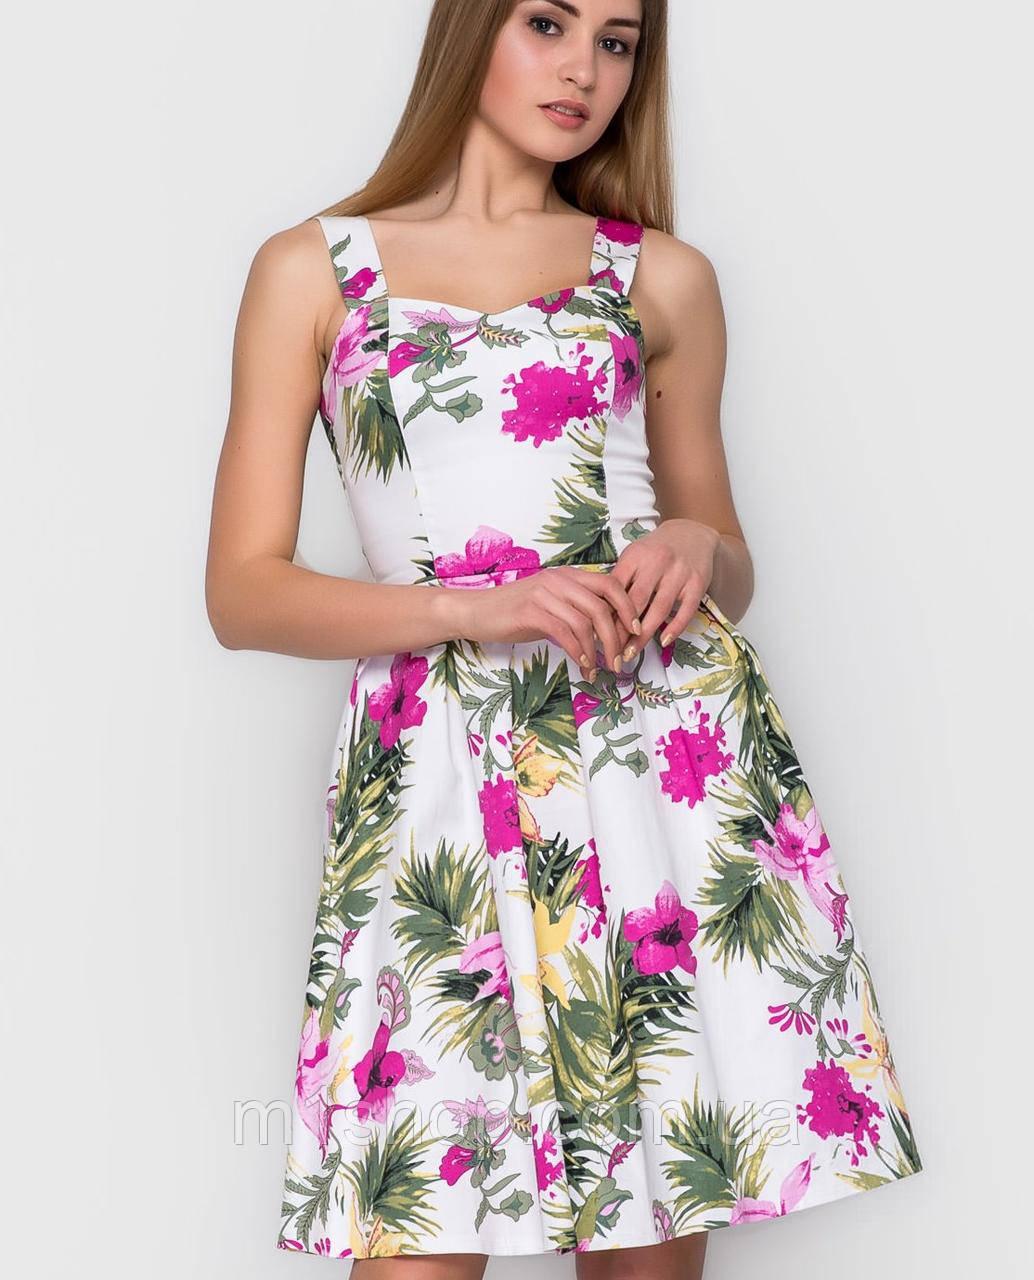 Платье цветочный принт | Goldy sk